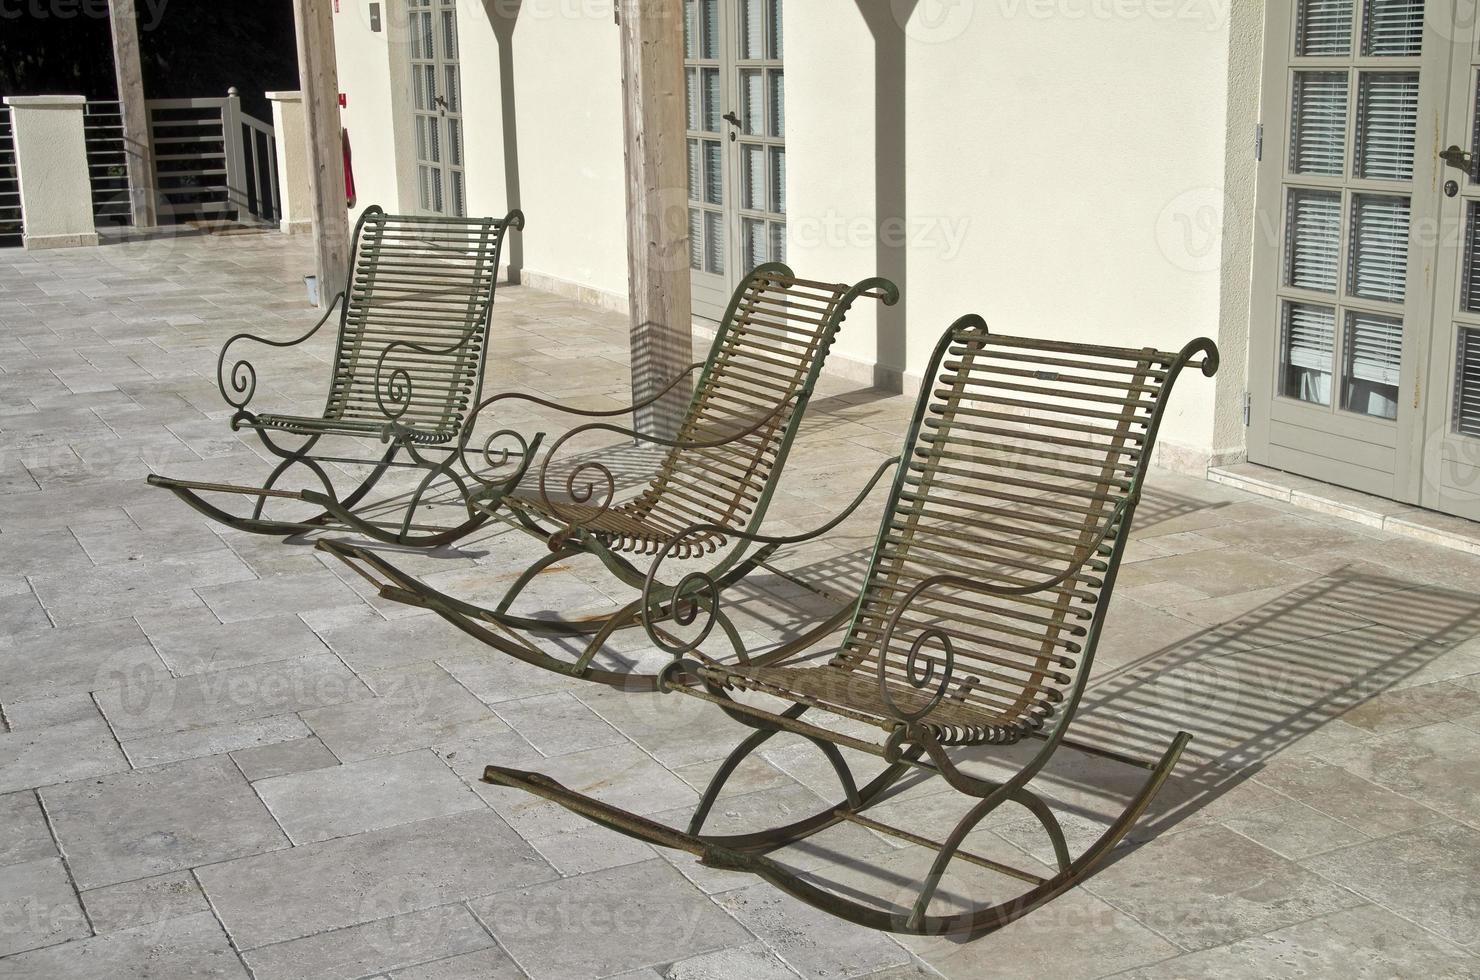 trois chaises vides. photo